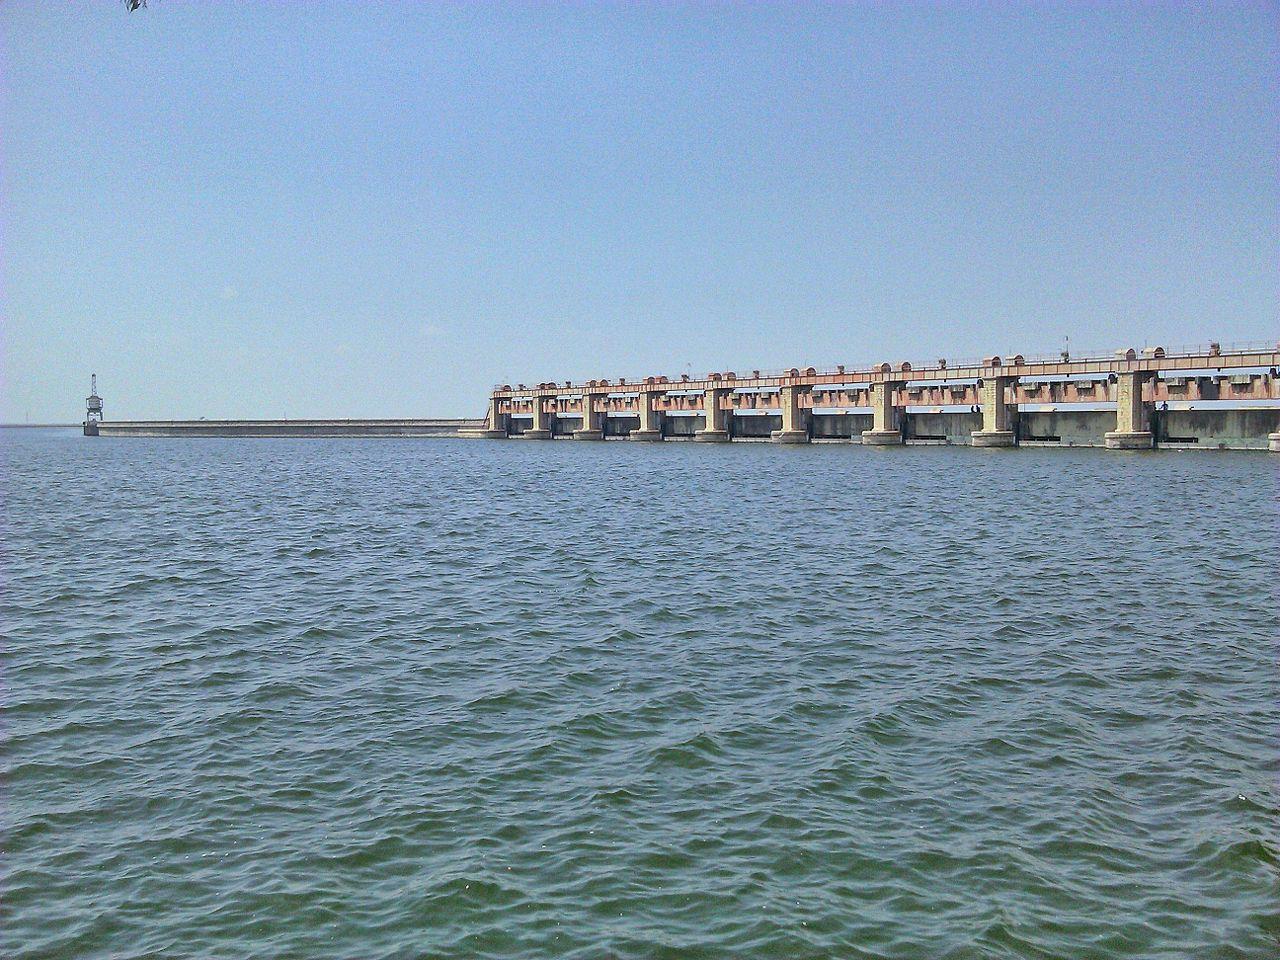 Nizam Sagar Dam in Nizamabad in Telangana